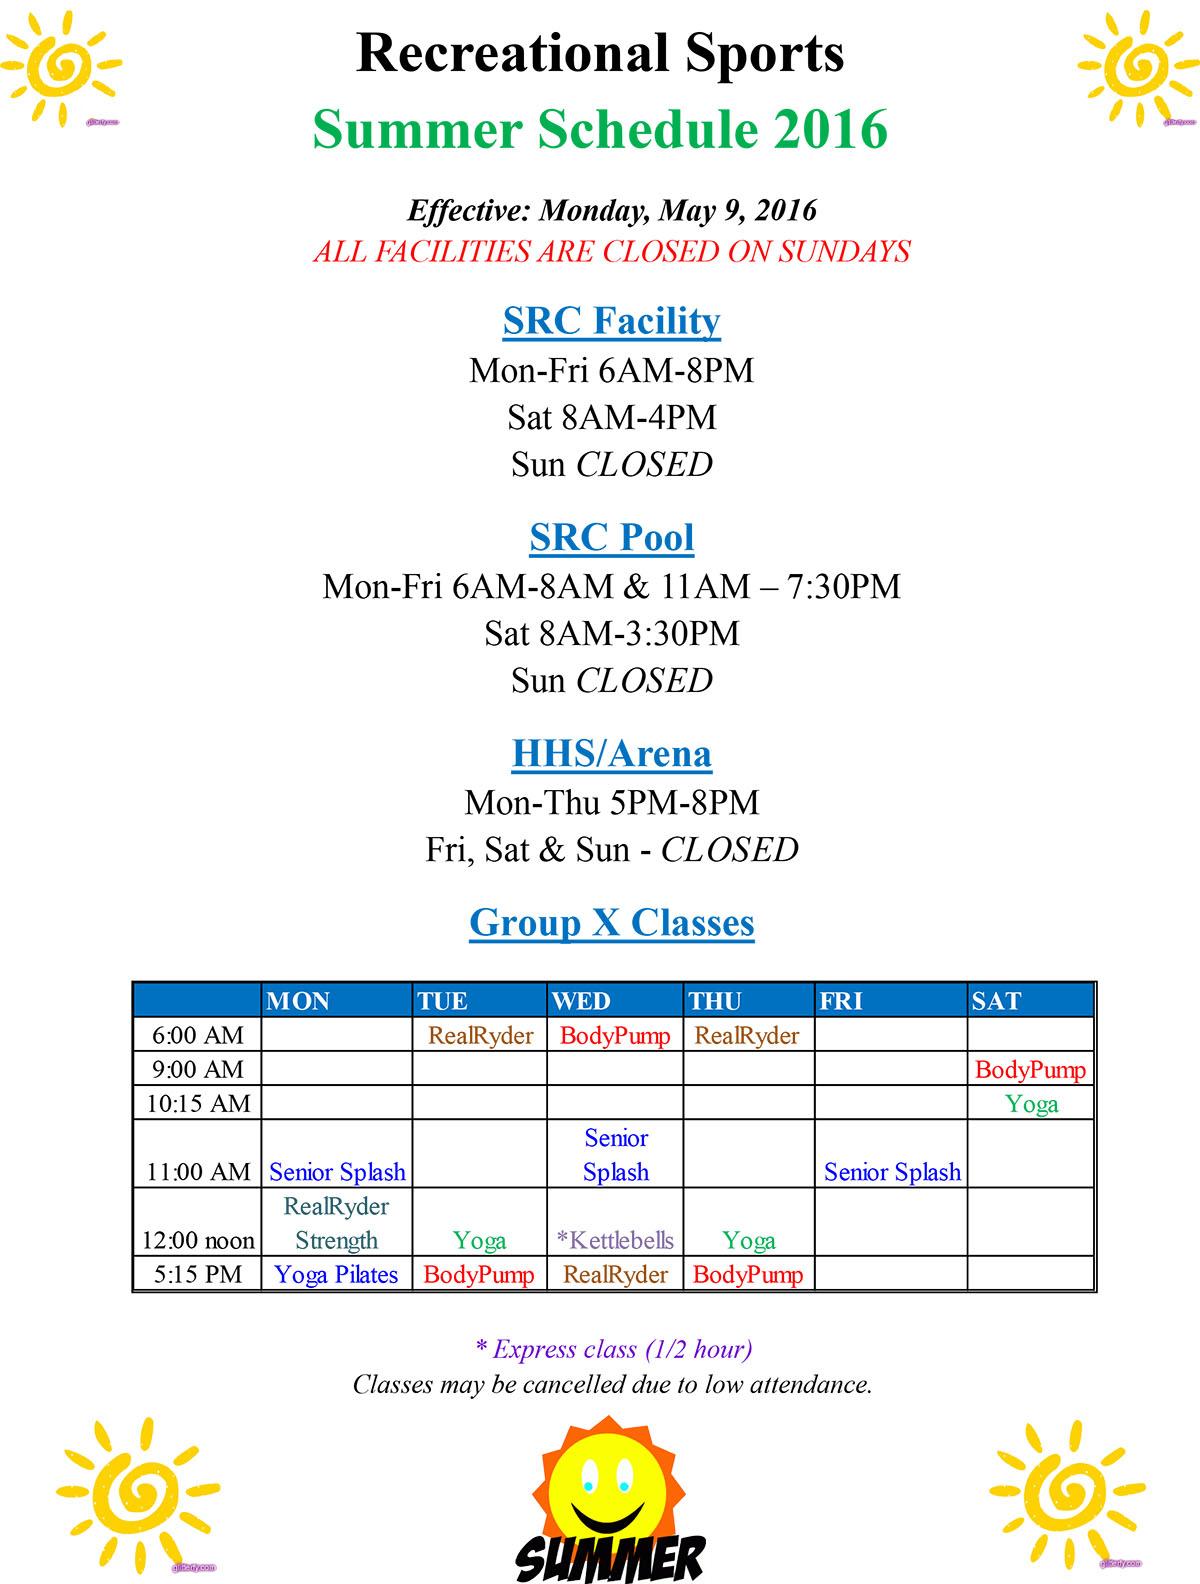 Summer Schedule 2016 Rec Sports